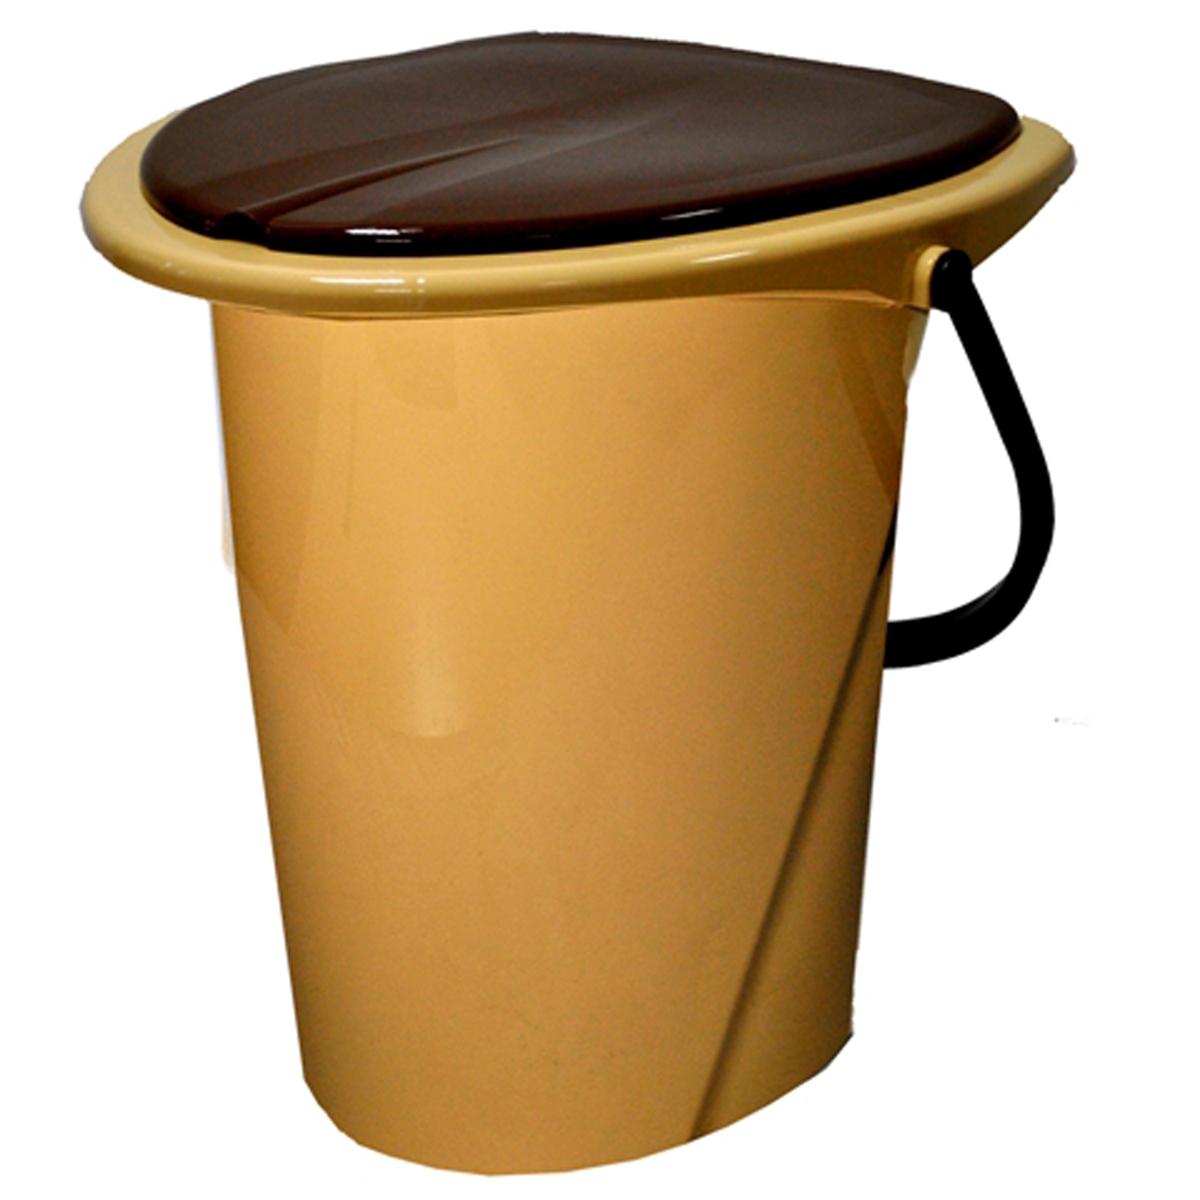 Ведро-туалет InGreen, цвет: бежевый, коричневый, 17 лING30001FБЖВедро-туалет InGreen выполнено из пластика. Этонезаменимая вещь на даче, а также для пожилых людей илюдей с ограниченными возможностями. Устойчивое ивысокое ведро удобно в использовании. Ведро-туалет имеетэргономичное съемное сиденье - это позволит легко его мытьи сушить отдельно. Ведро снабжено крышкой, что препятствуетраспространению неприятных запахов. Прочный пластиквыдержит даже людей с большим весом.